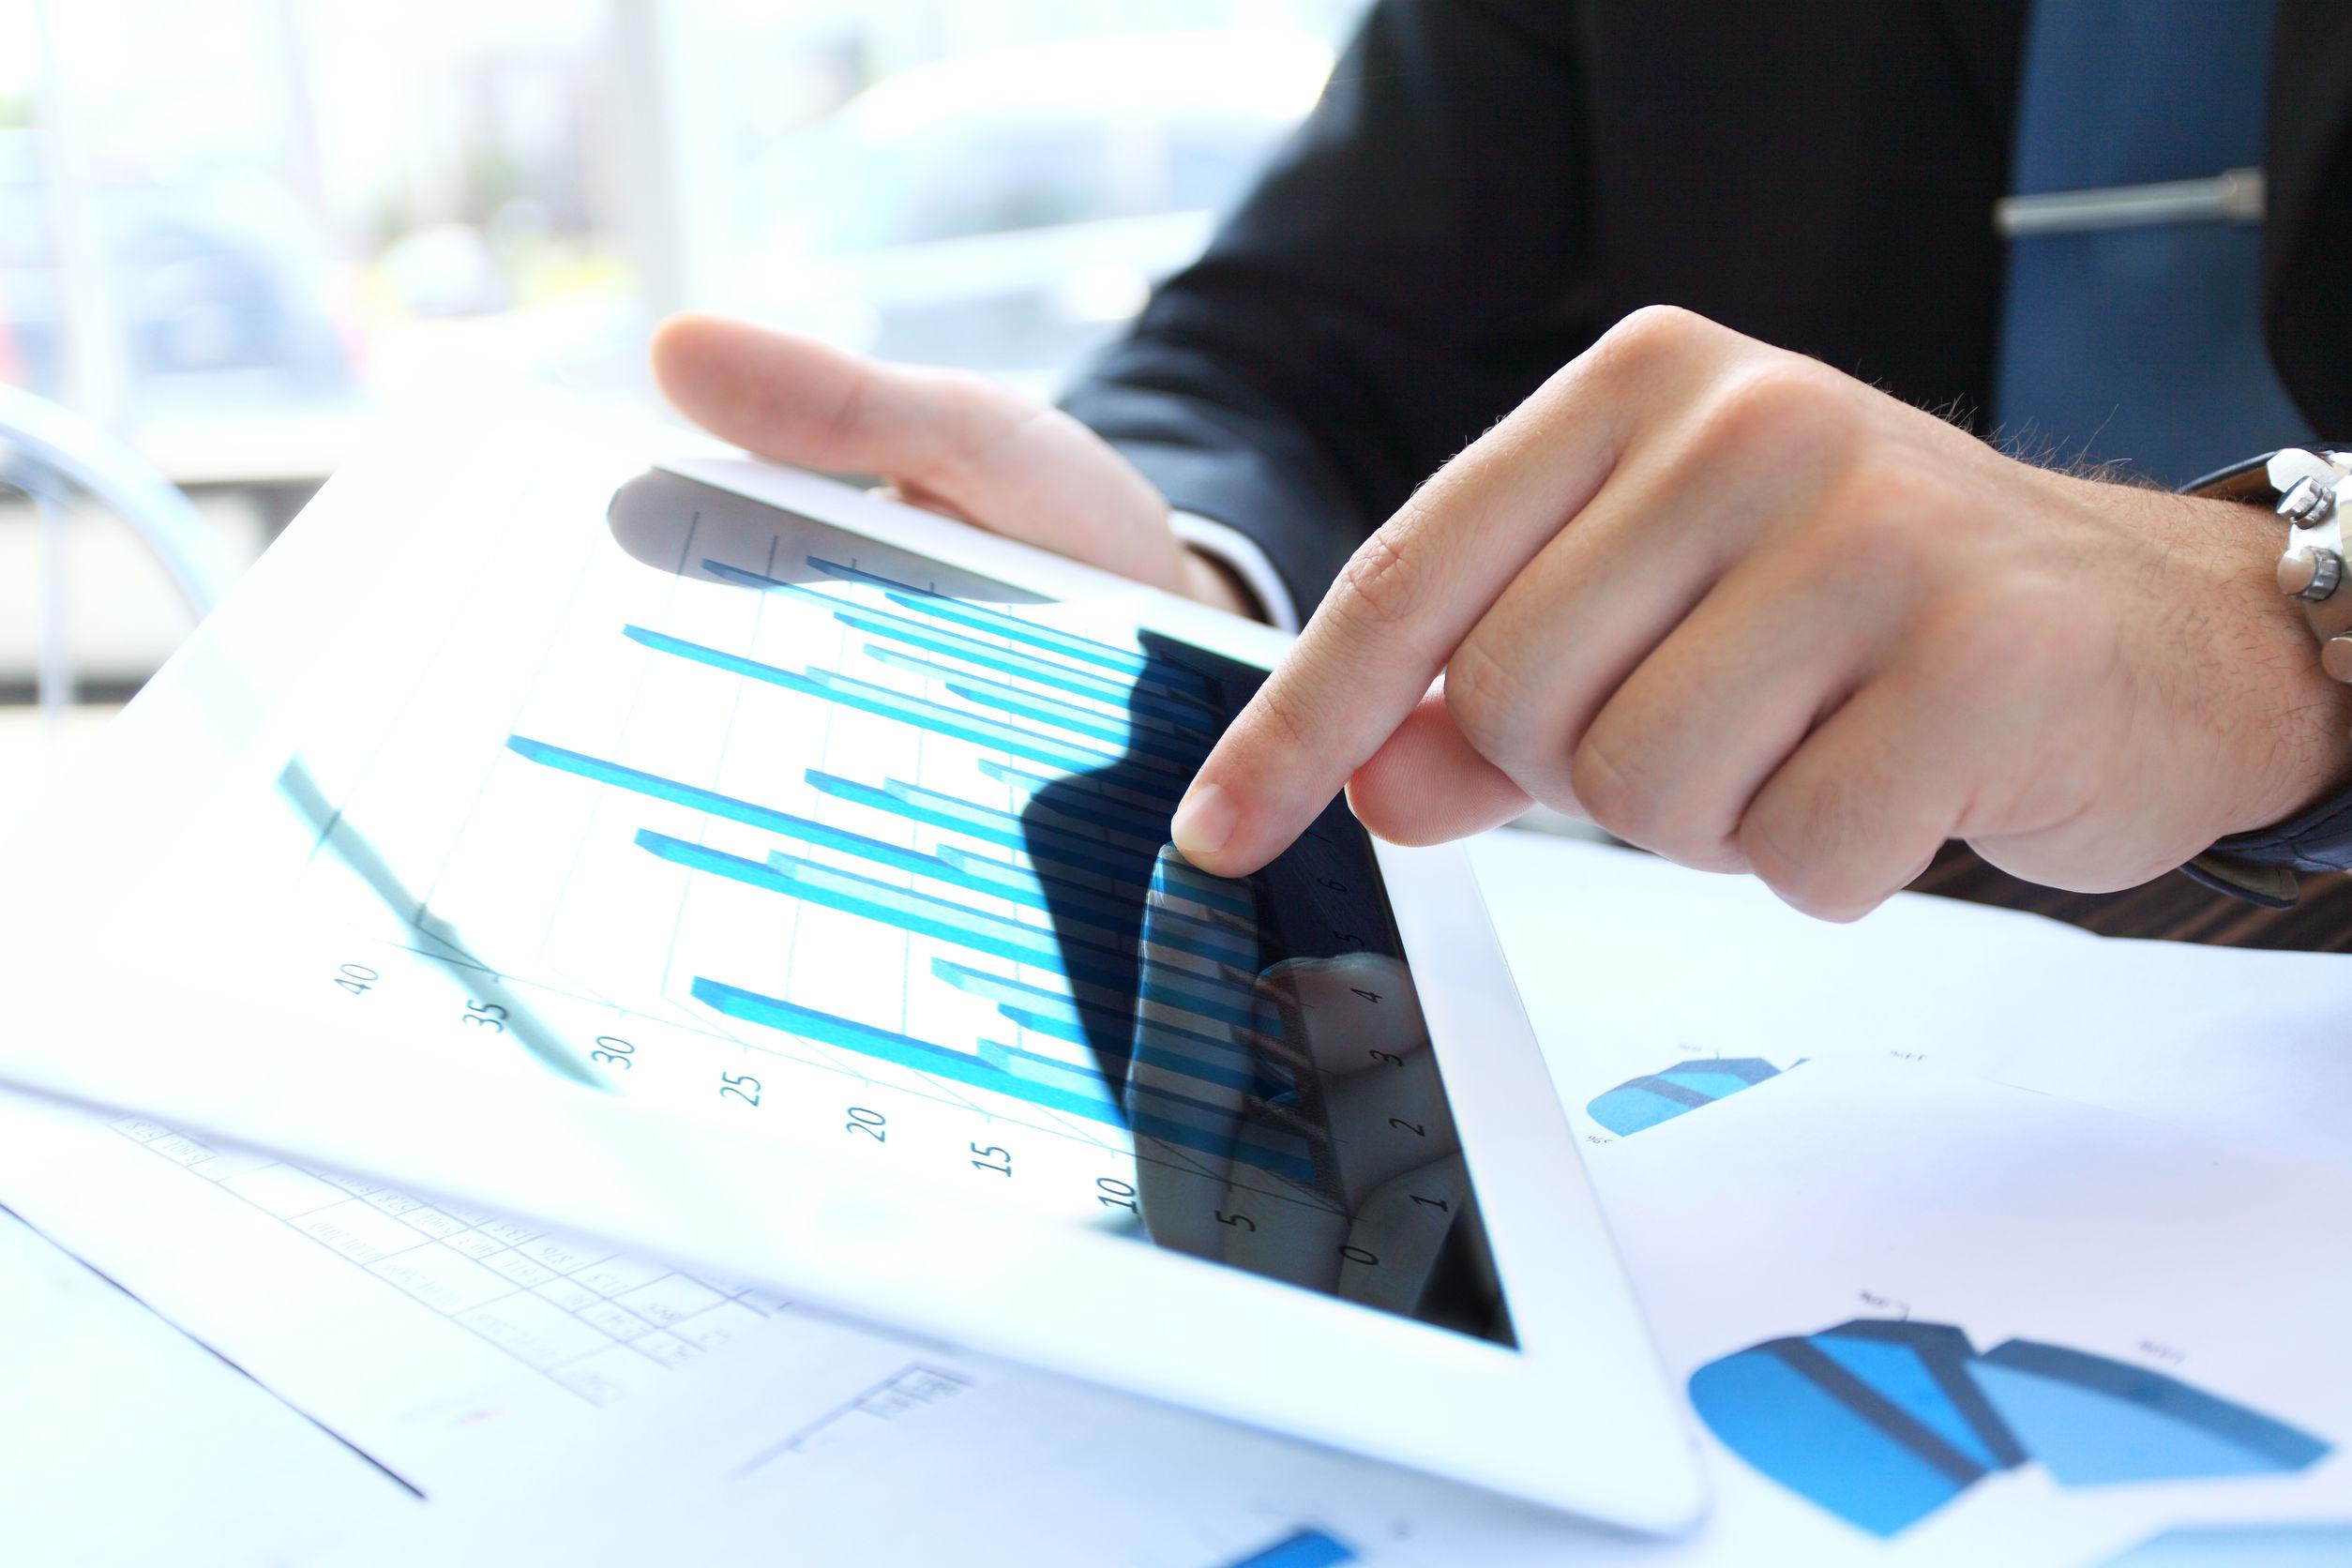 economía digital y analítica